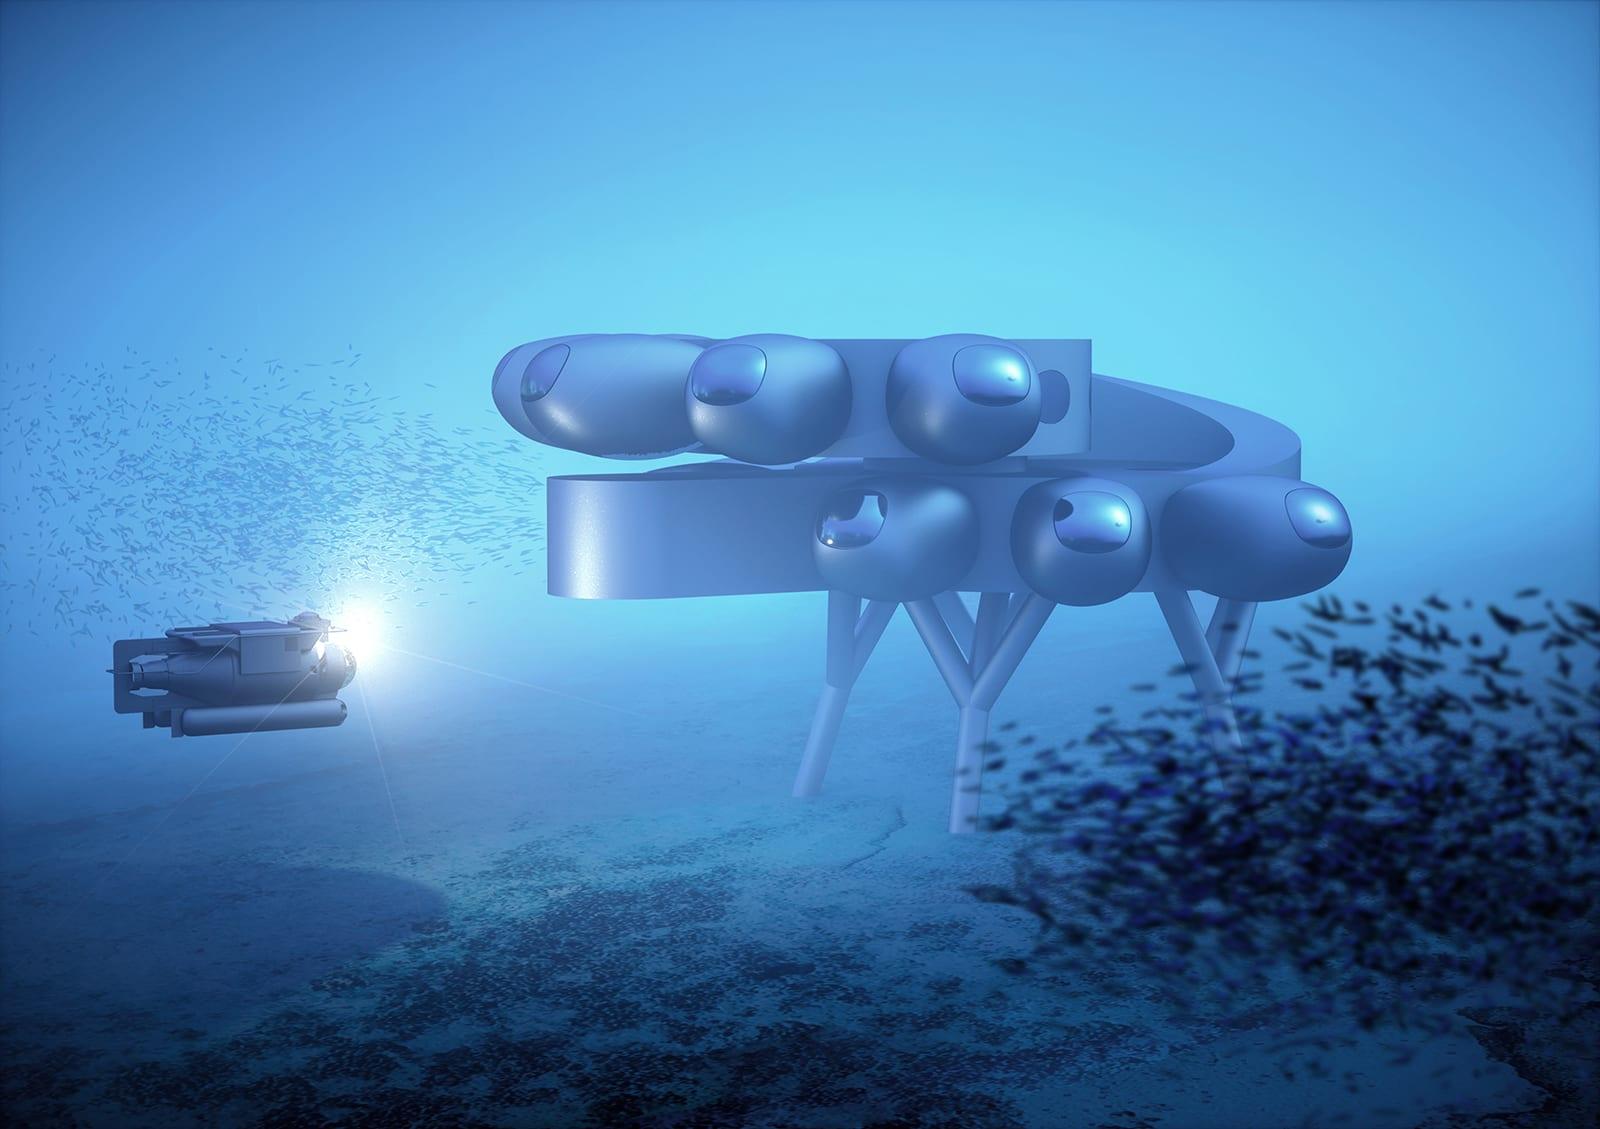 """كشف النقاب عن تصاميم طموحة لـ """"محطة الفضاء"""" ومستوطنة تحت الماء.. كيف ستبدو؟"""